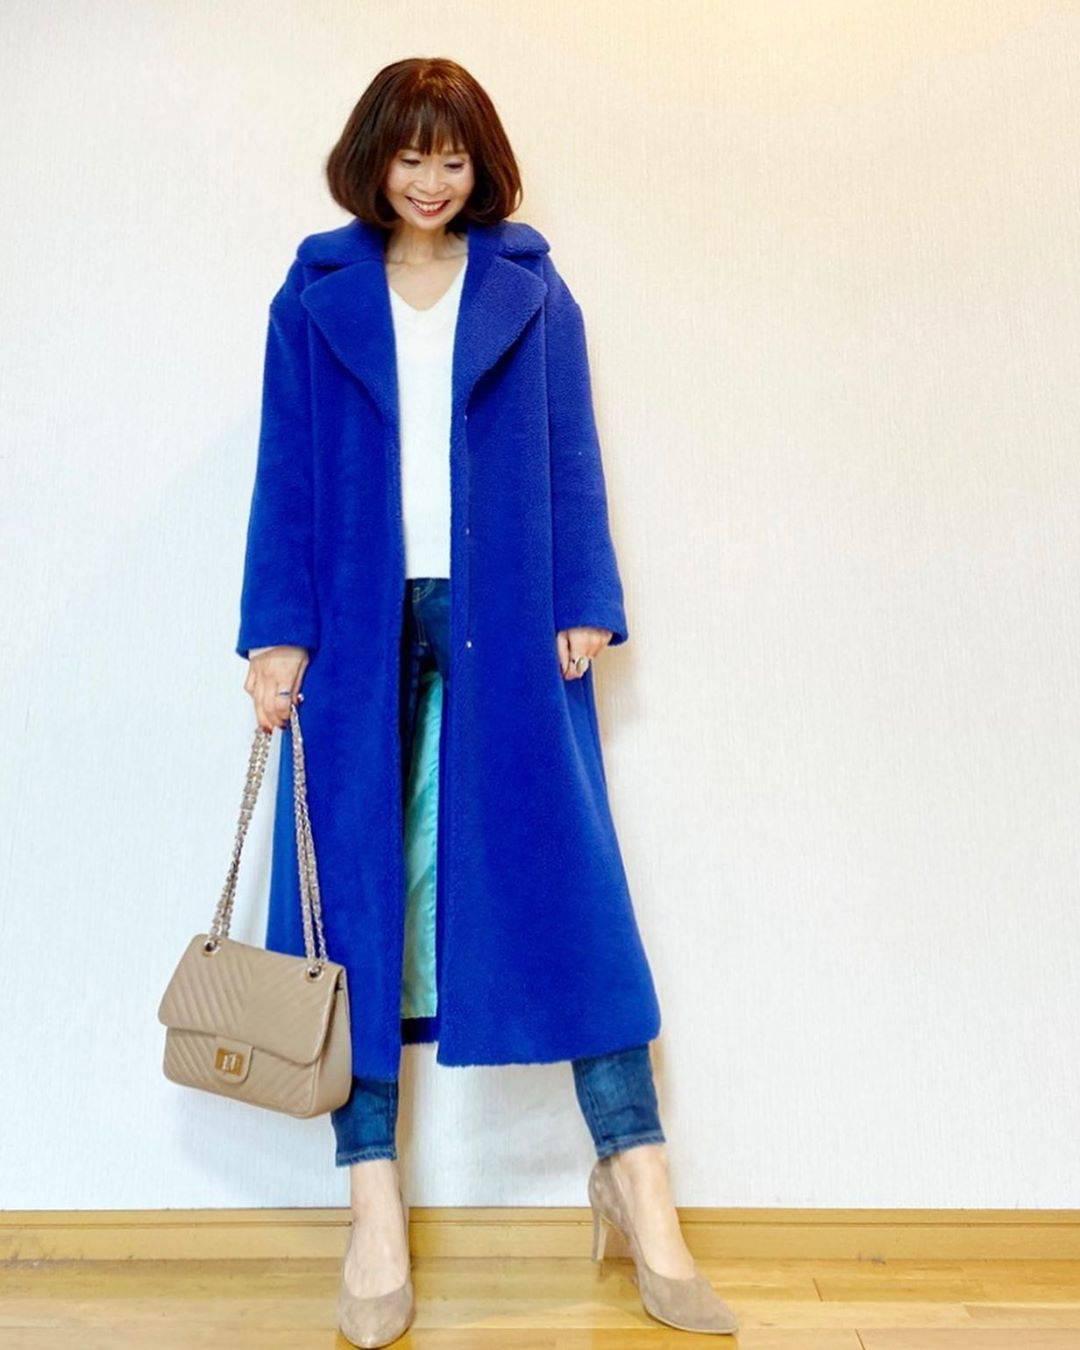 最高気温15度・最低気温6度 acmee.chiyoの服装